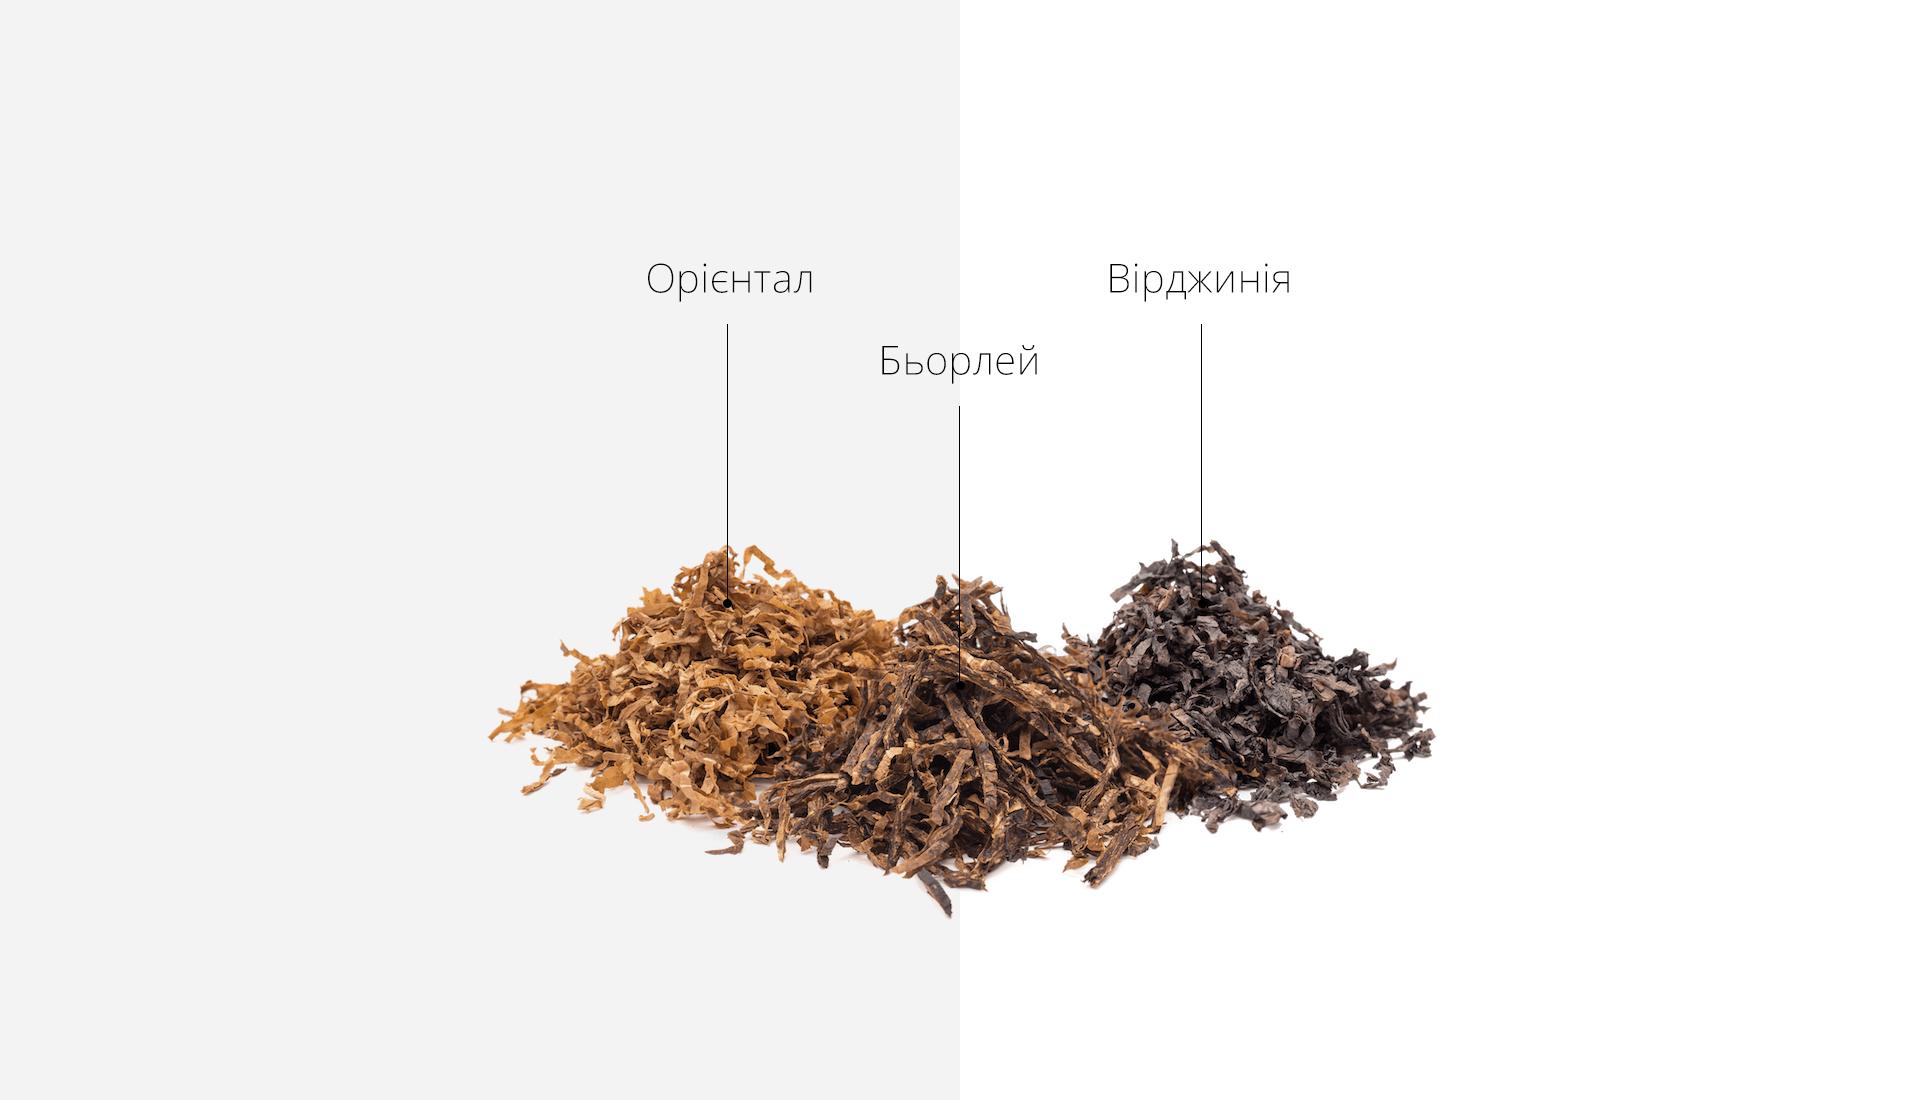 тютюн айкос